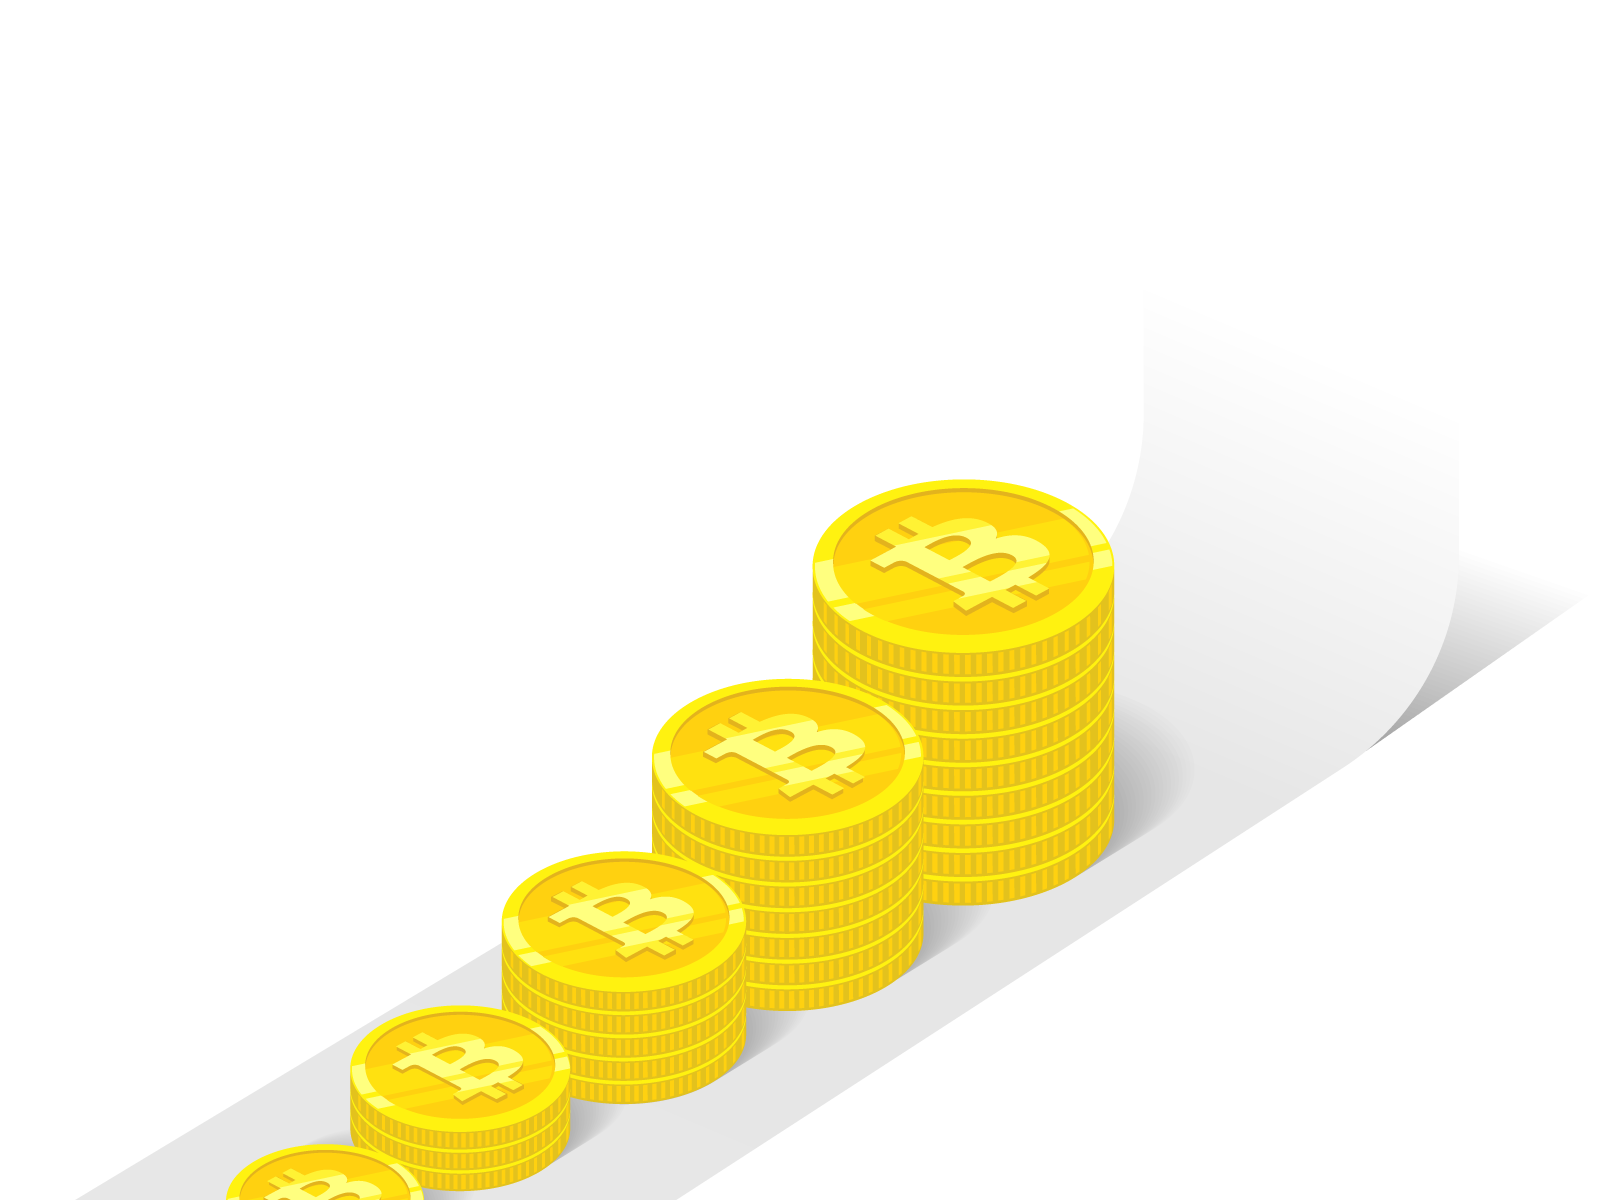 ビットコインの値上がりチャート